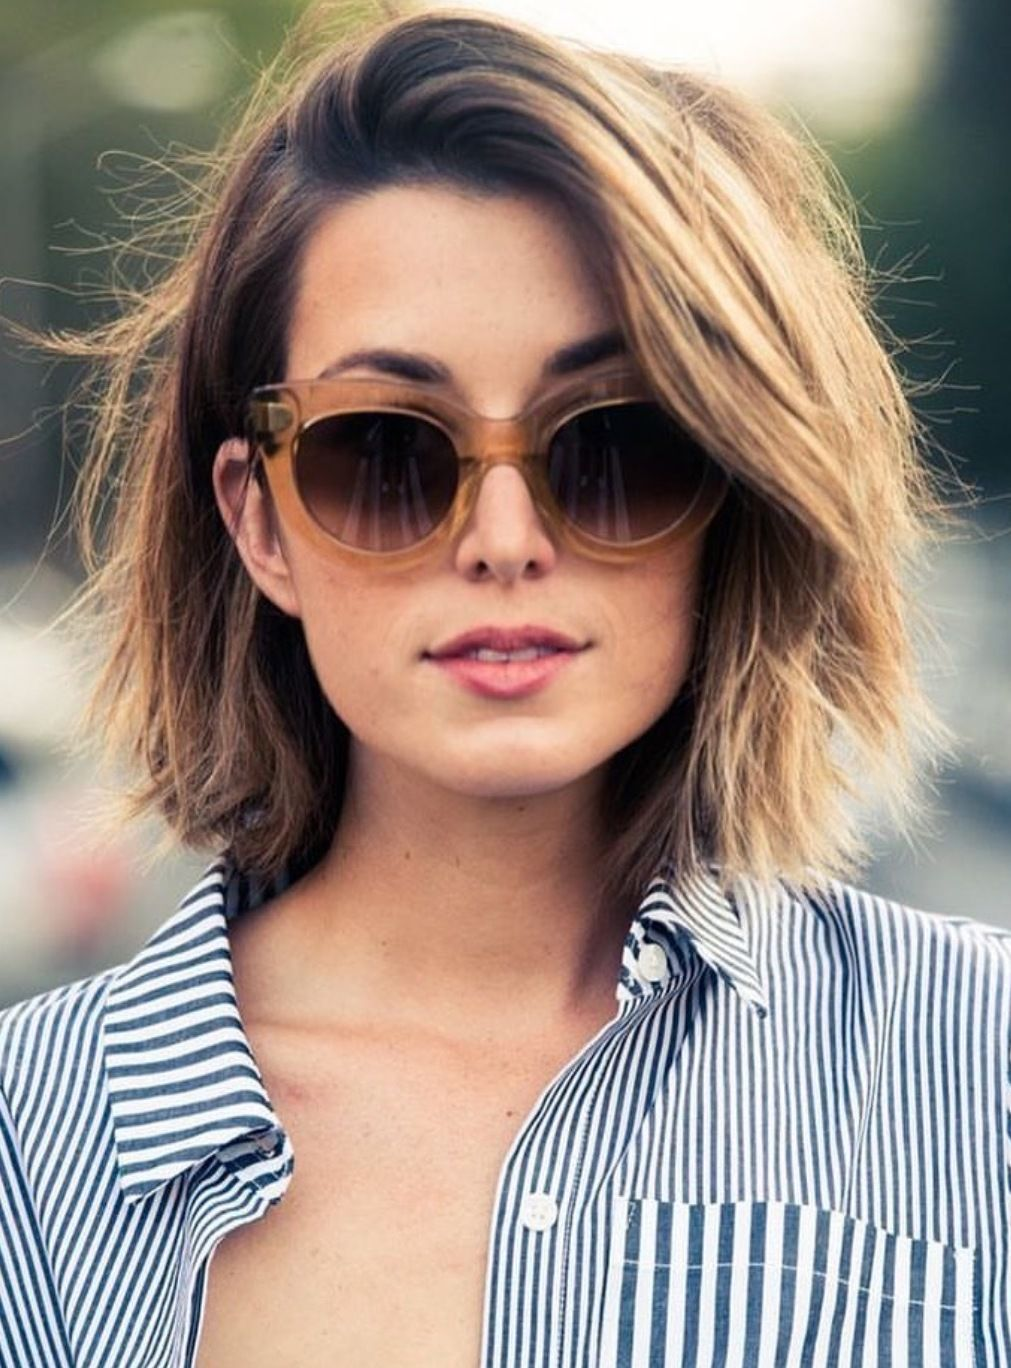 stijlvolle kapsels voor vrouwen